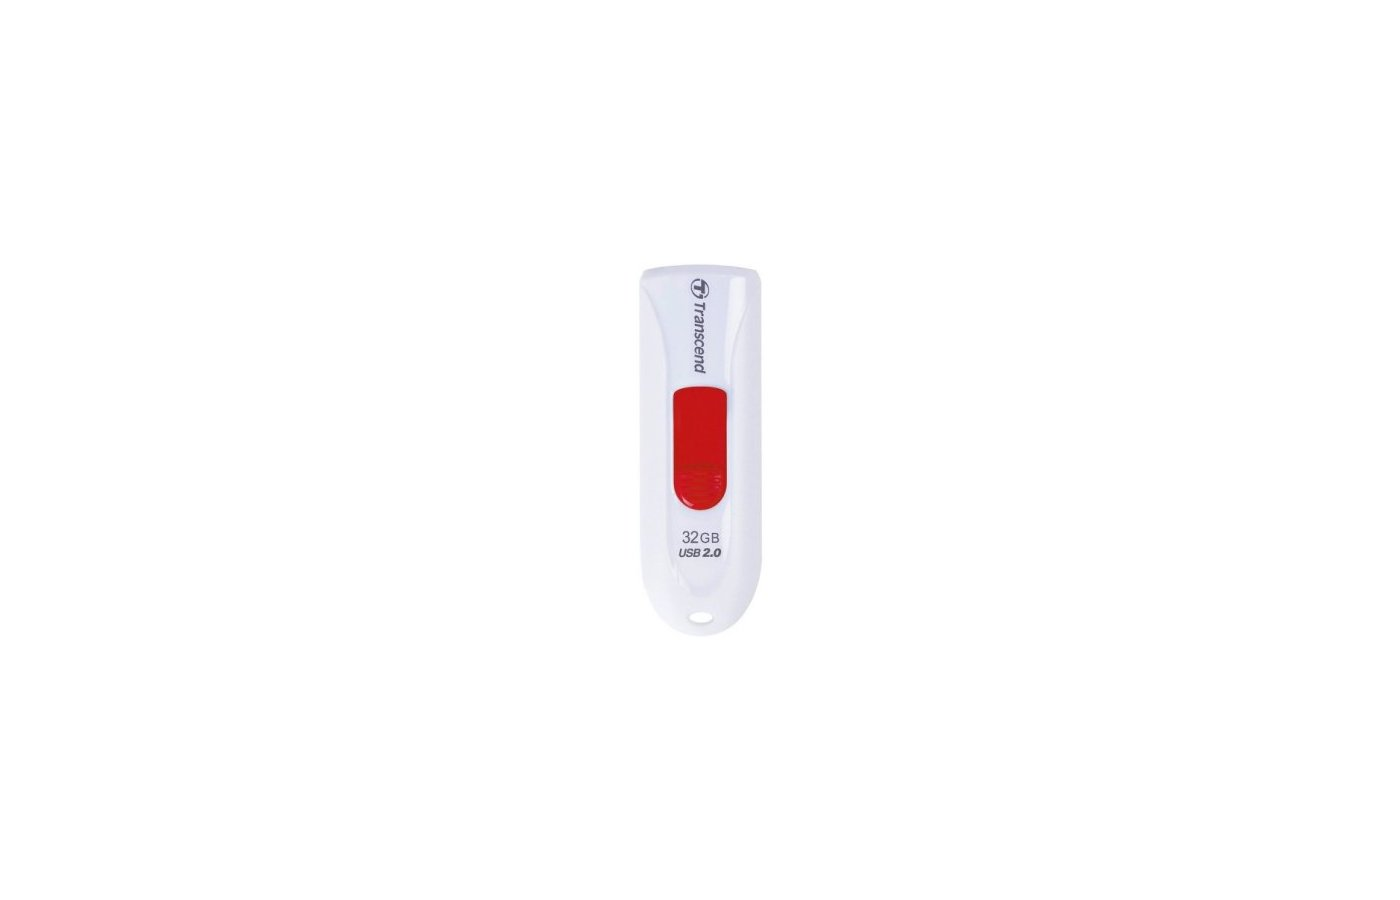 Флеш-диск USB 2.0 Transcend JetFlash 32GB 590 (TS32GJF590W)